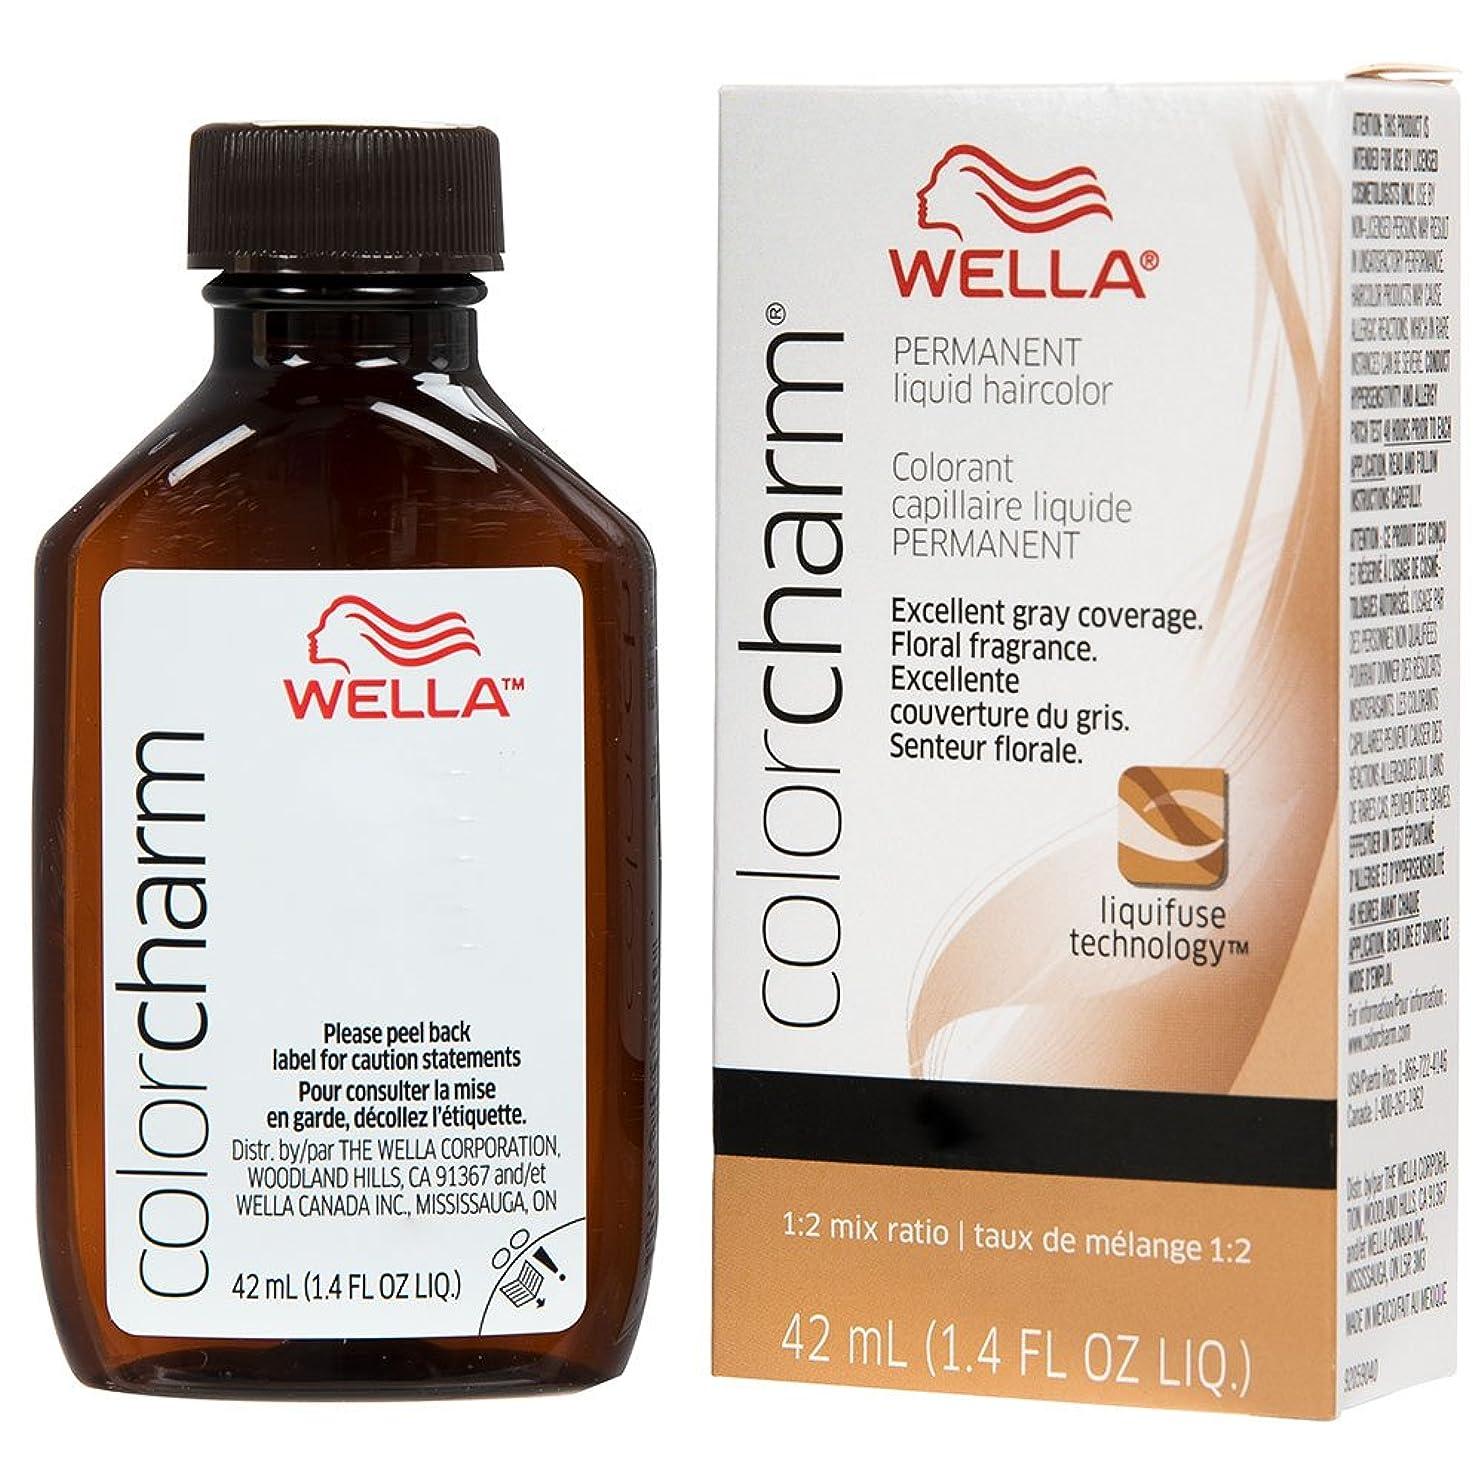 挨拶する二年生祭りWella - Colorcharm - Permanent Liquid - Medium Blonde 7N /711-1.4 OZ / 42 mL